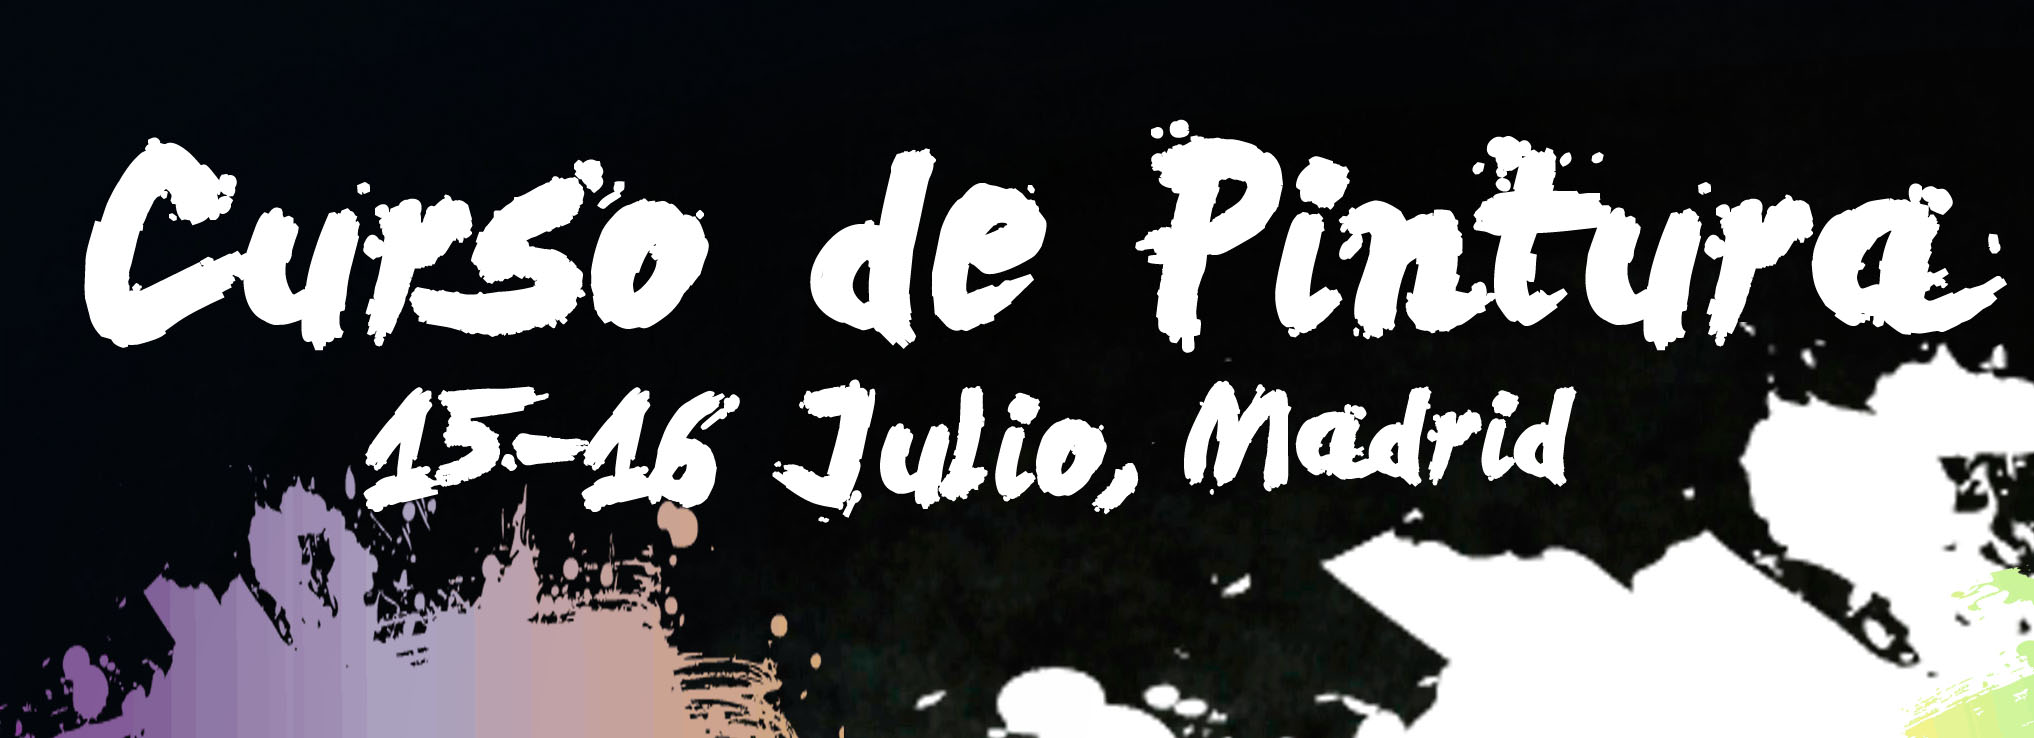 Curso 15 16 de julio en madrid pintor de miniaturas for Curso de escaparatismo madrid